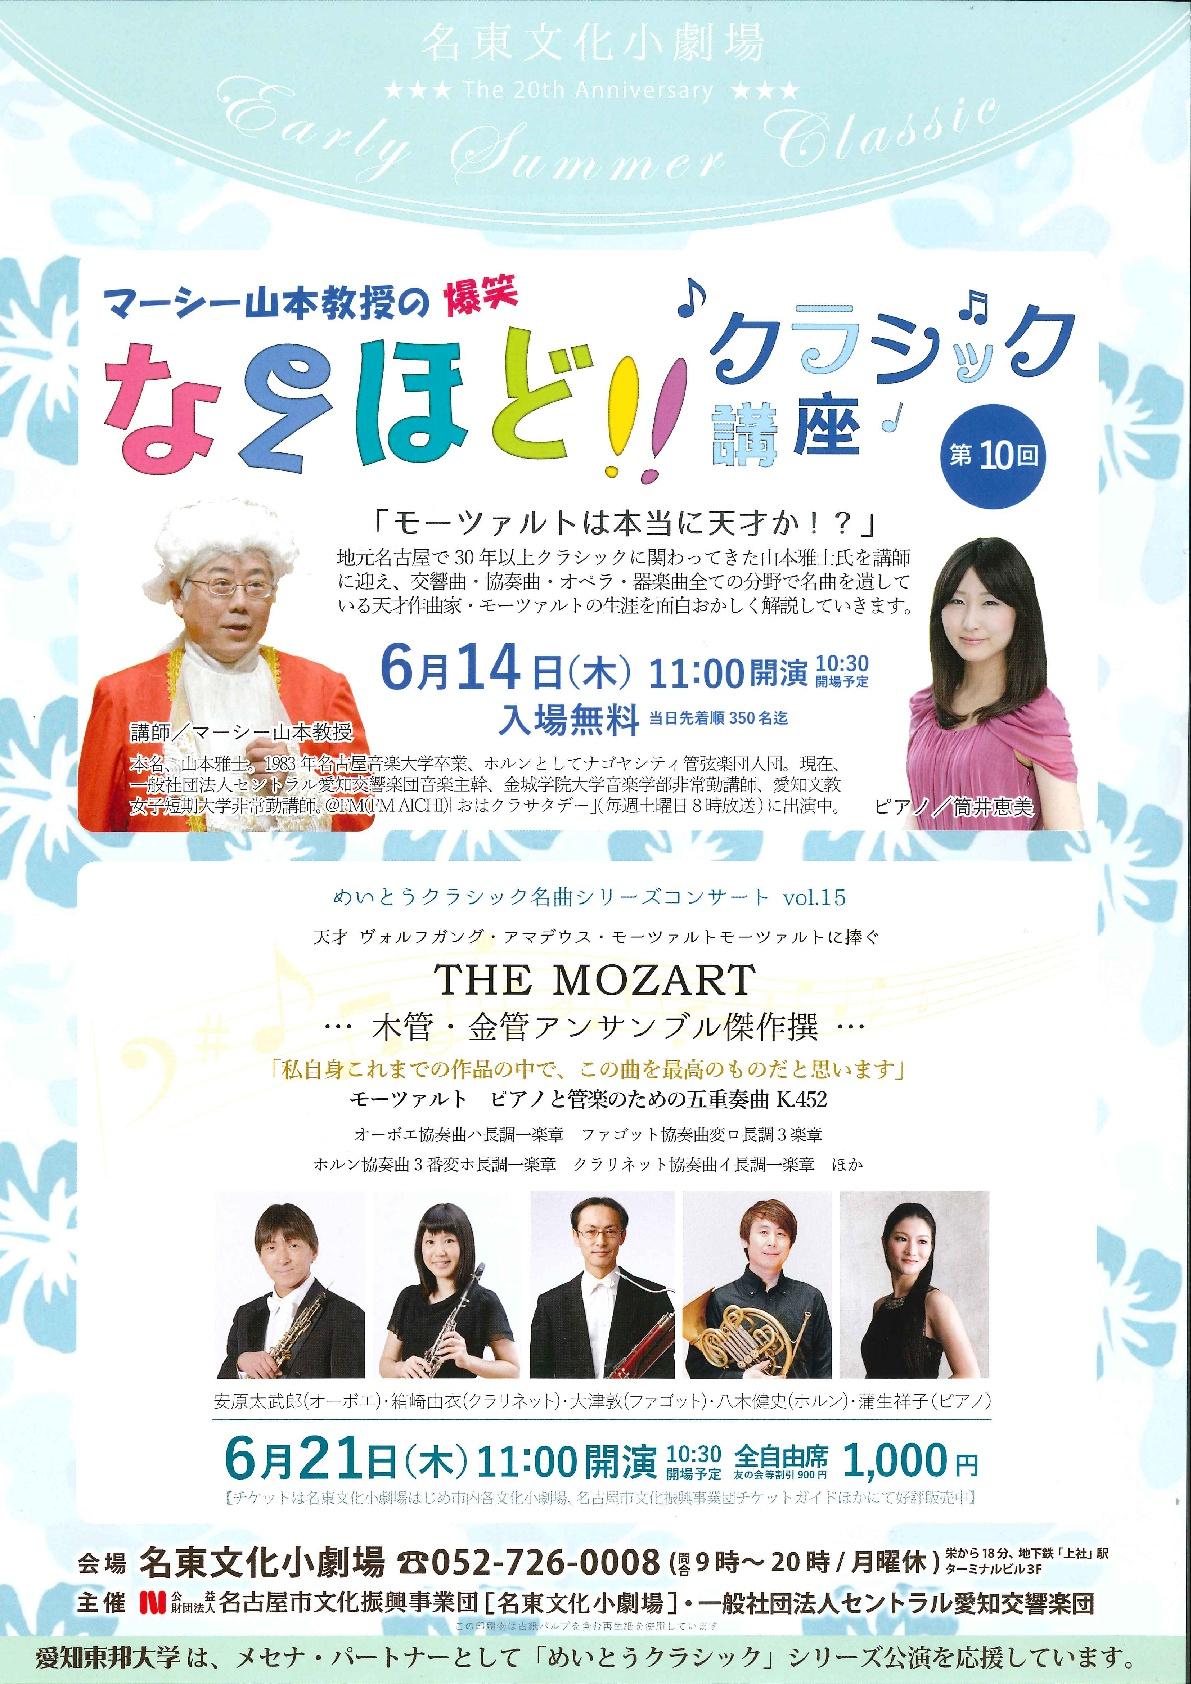 めいとうクラシック名曲シリーズコンサートvol.15 天才作曲家ヴォルフガング・アマデウス・モーツァルトに捧ぐ THE MOZART …木管・金管アンサンブル傑作撰…